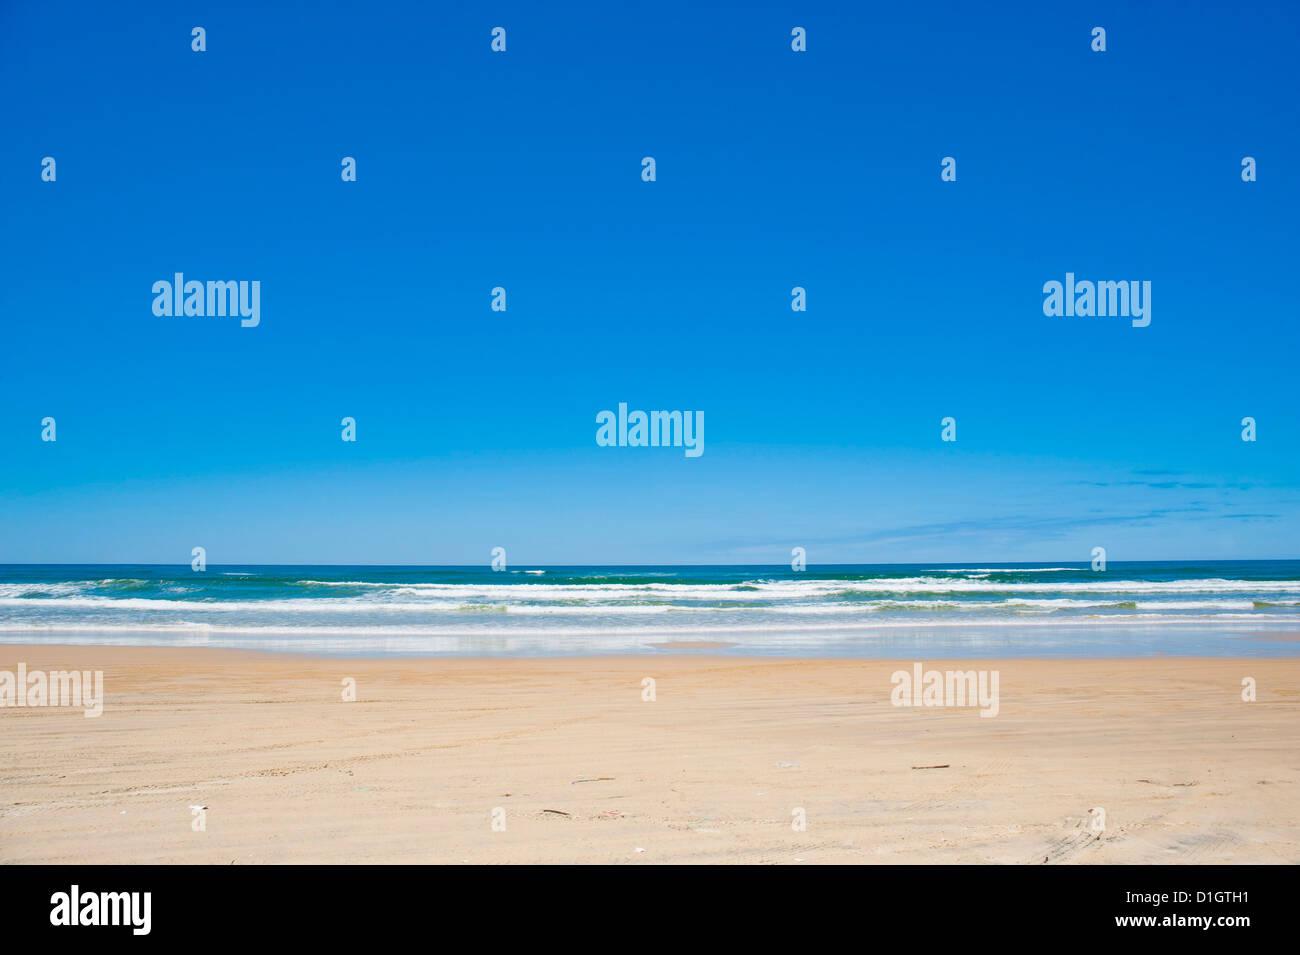 Settanta Cinque miglia di spiaggia con sabbia bianca e blu del cielo, l'Isola di Fraser, Queensland, Australia Pacific Foto Stock